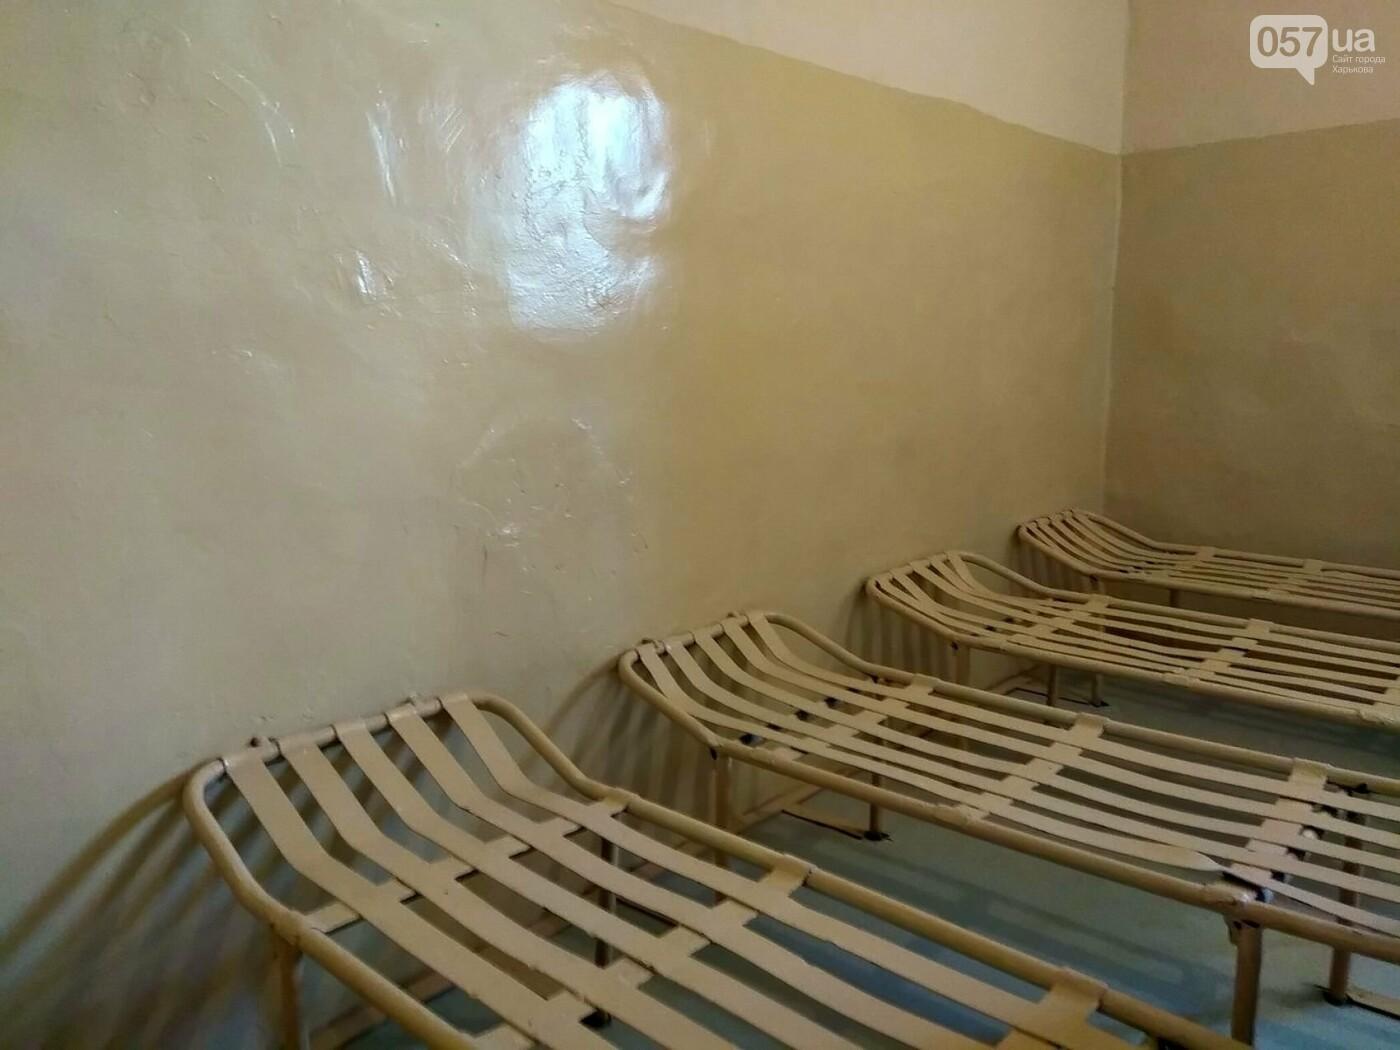 Общий душ, учебные классы и комната отдыха. В каких условиях содержат подростков в Харьковском СИЗО, - ФОТО, фото-2